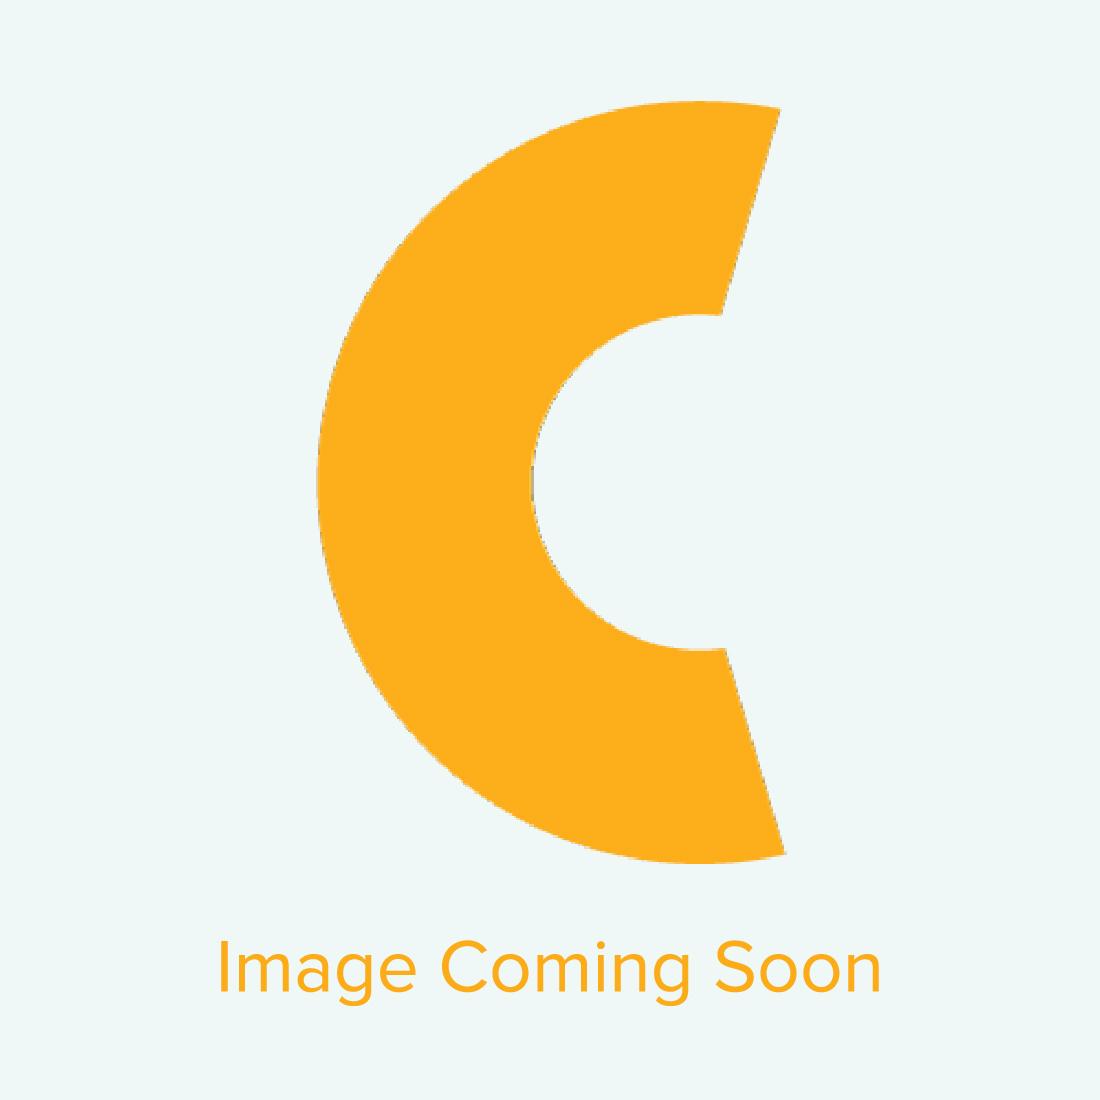 Graphtec CE6000-60 PLUS 24